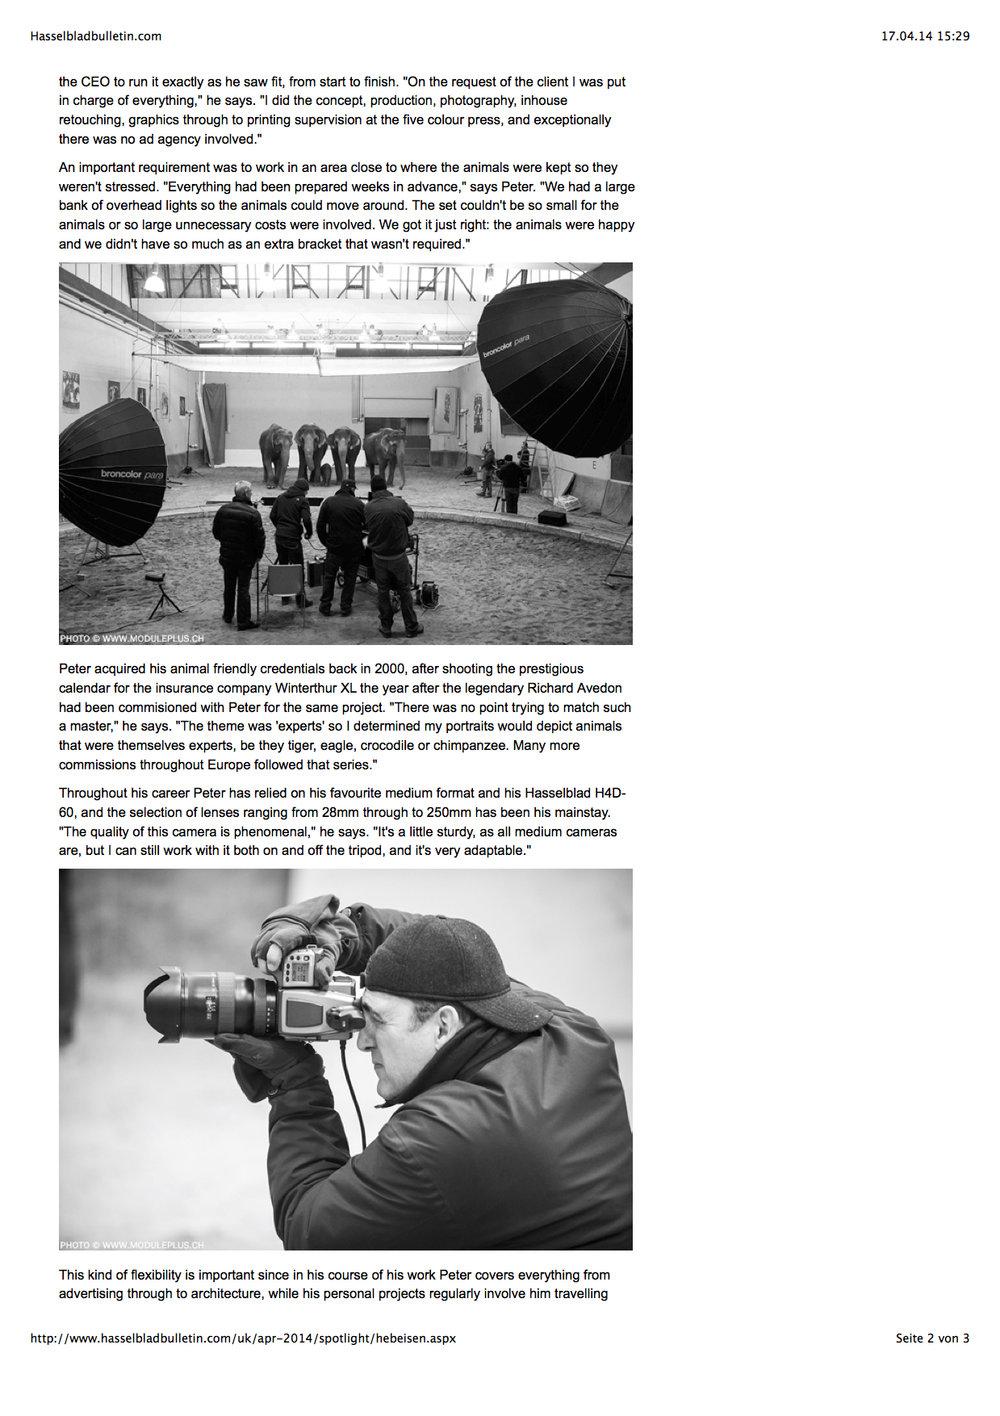 Hasselbladbulletin.com_2